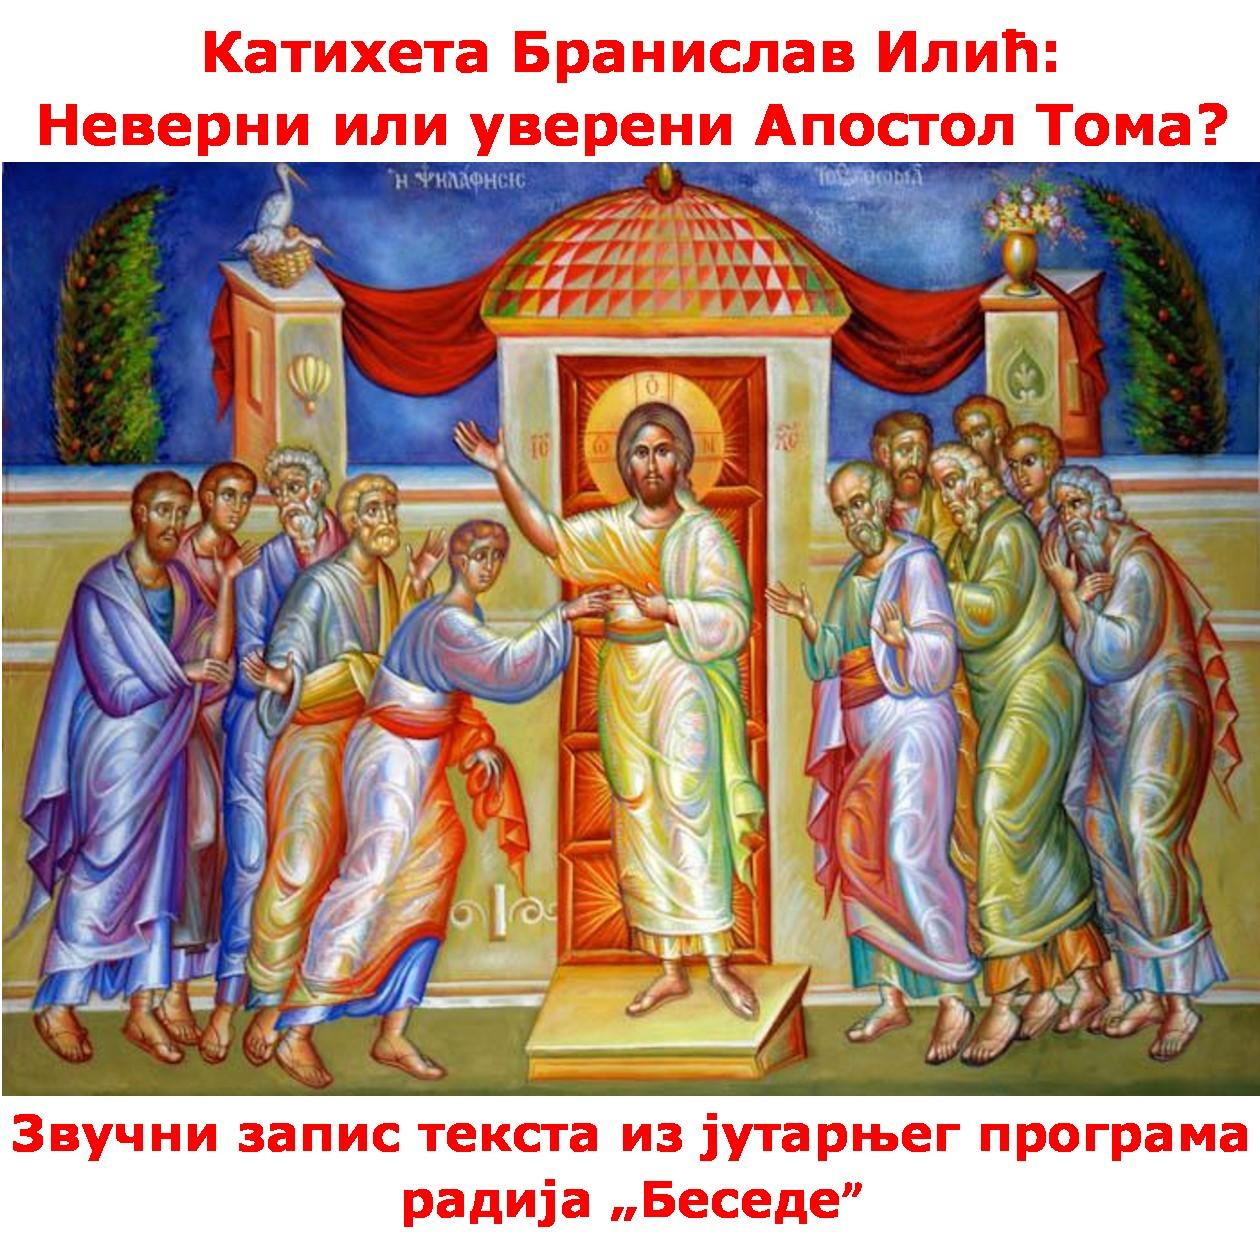 ЕМИСИЈА: Неверни или уверени Апостол Тома?